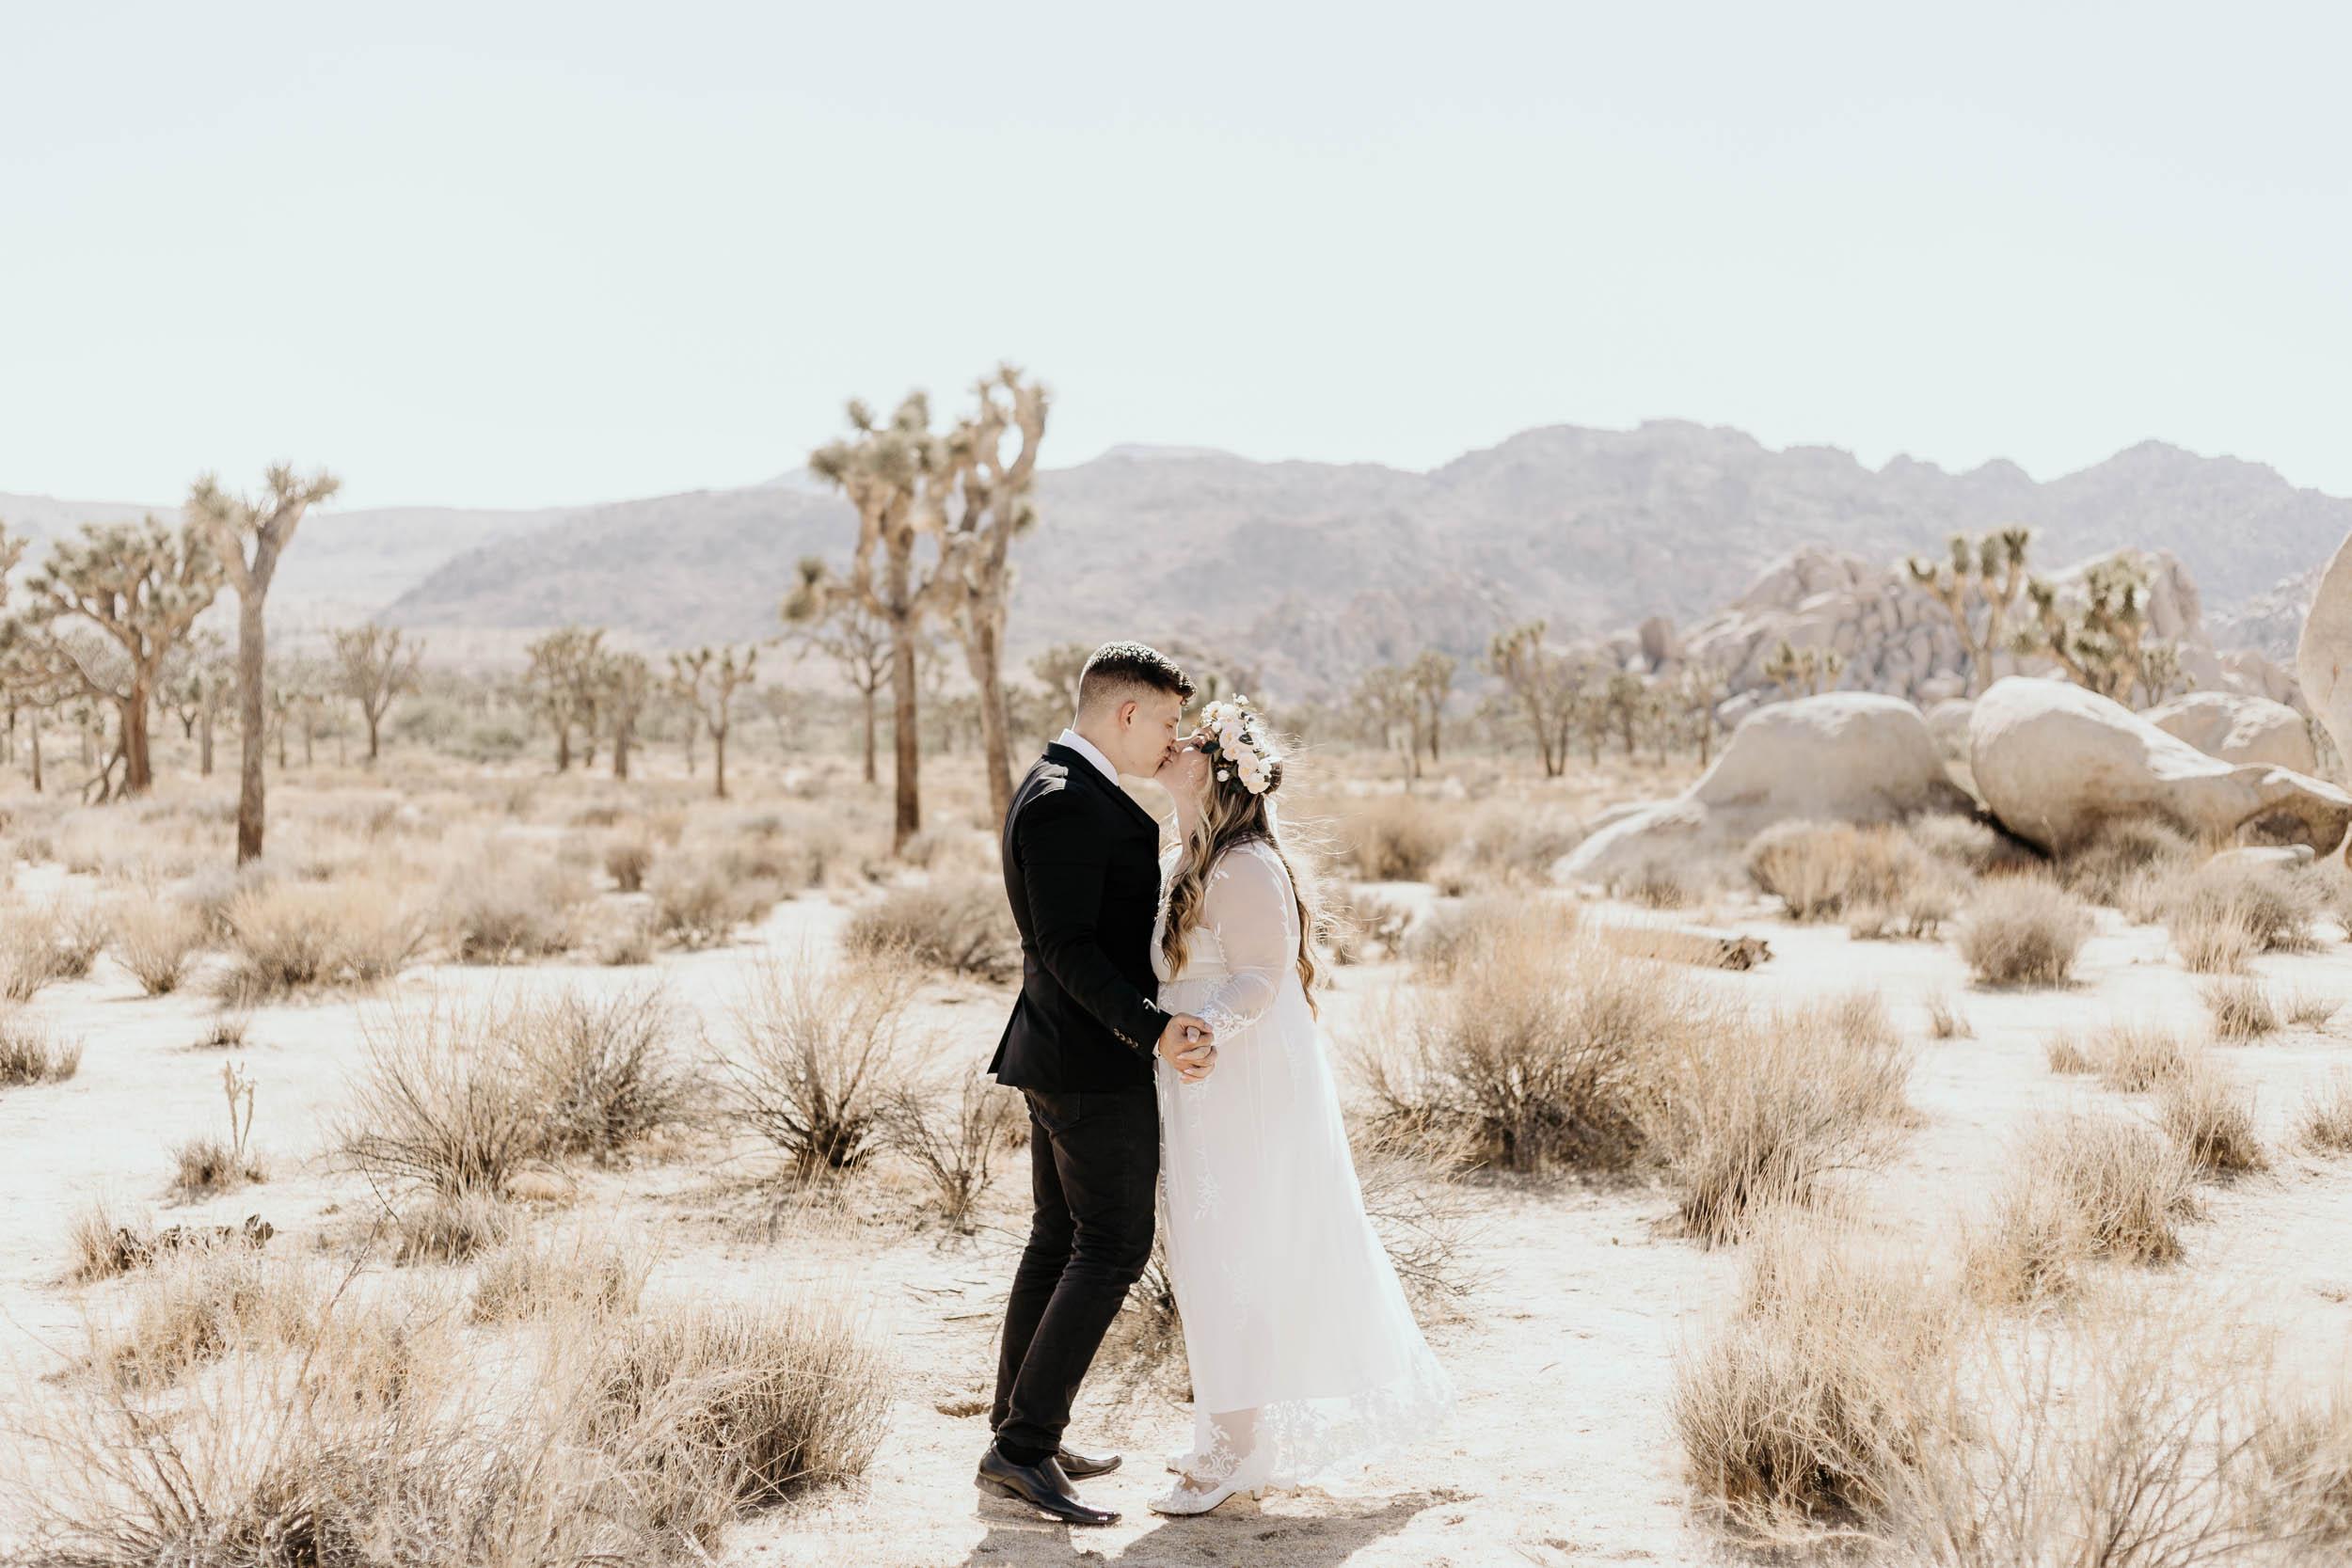 intimate-wedding-elopement-photographer-ottawa-joshua-tree-0290.jpg